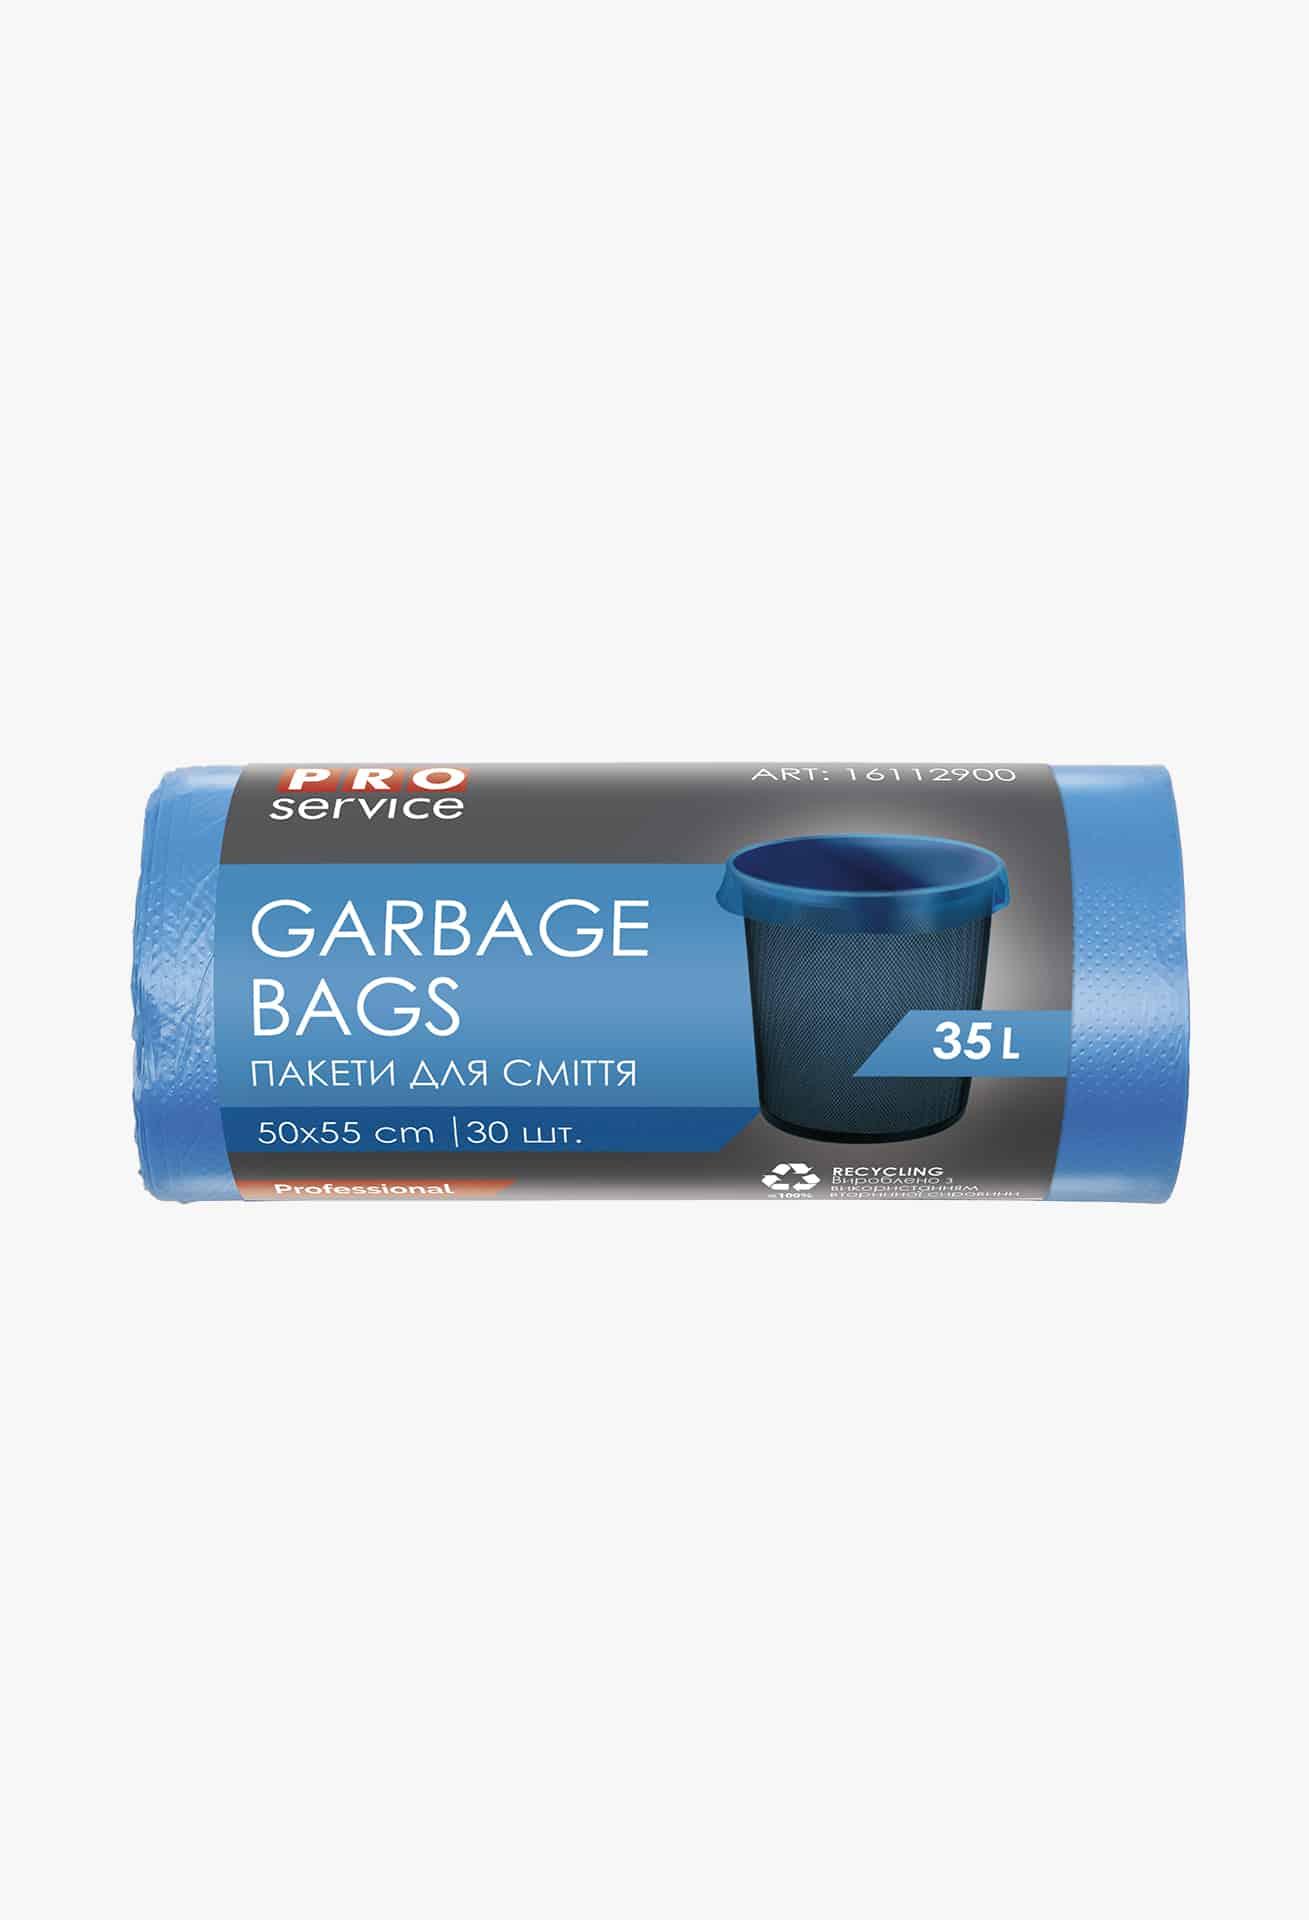 PRO Пакет для смiття поліетиленовий 50*55 синій, ХД 35л /30шт.